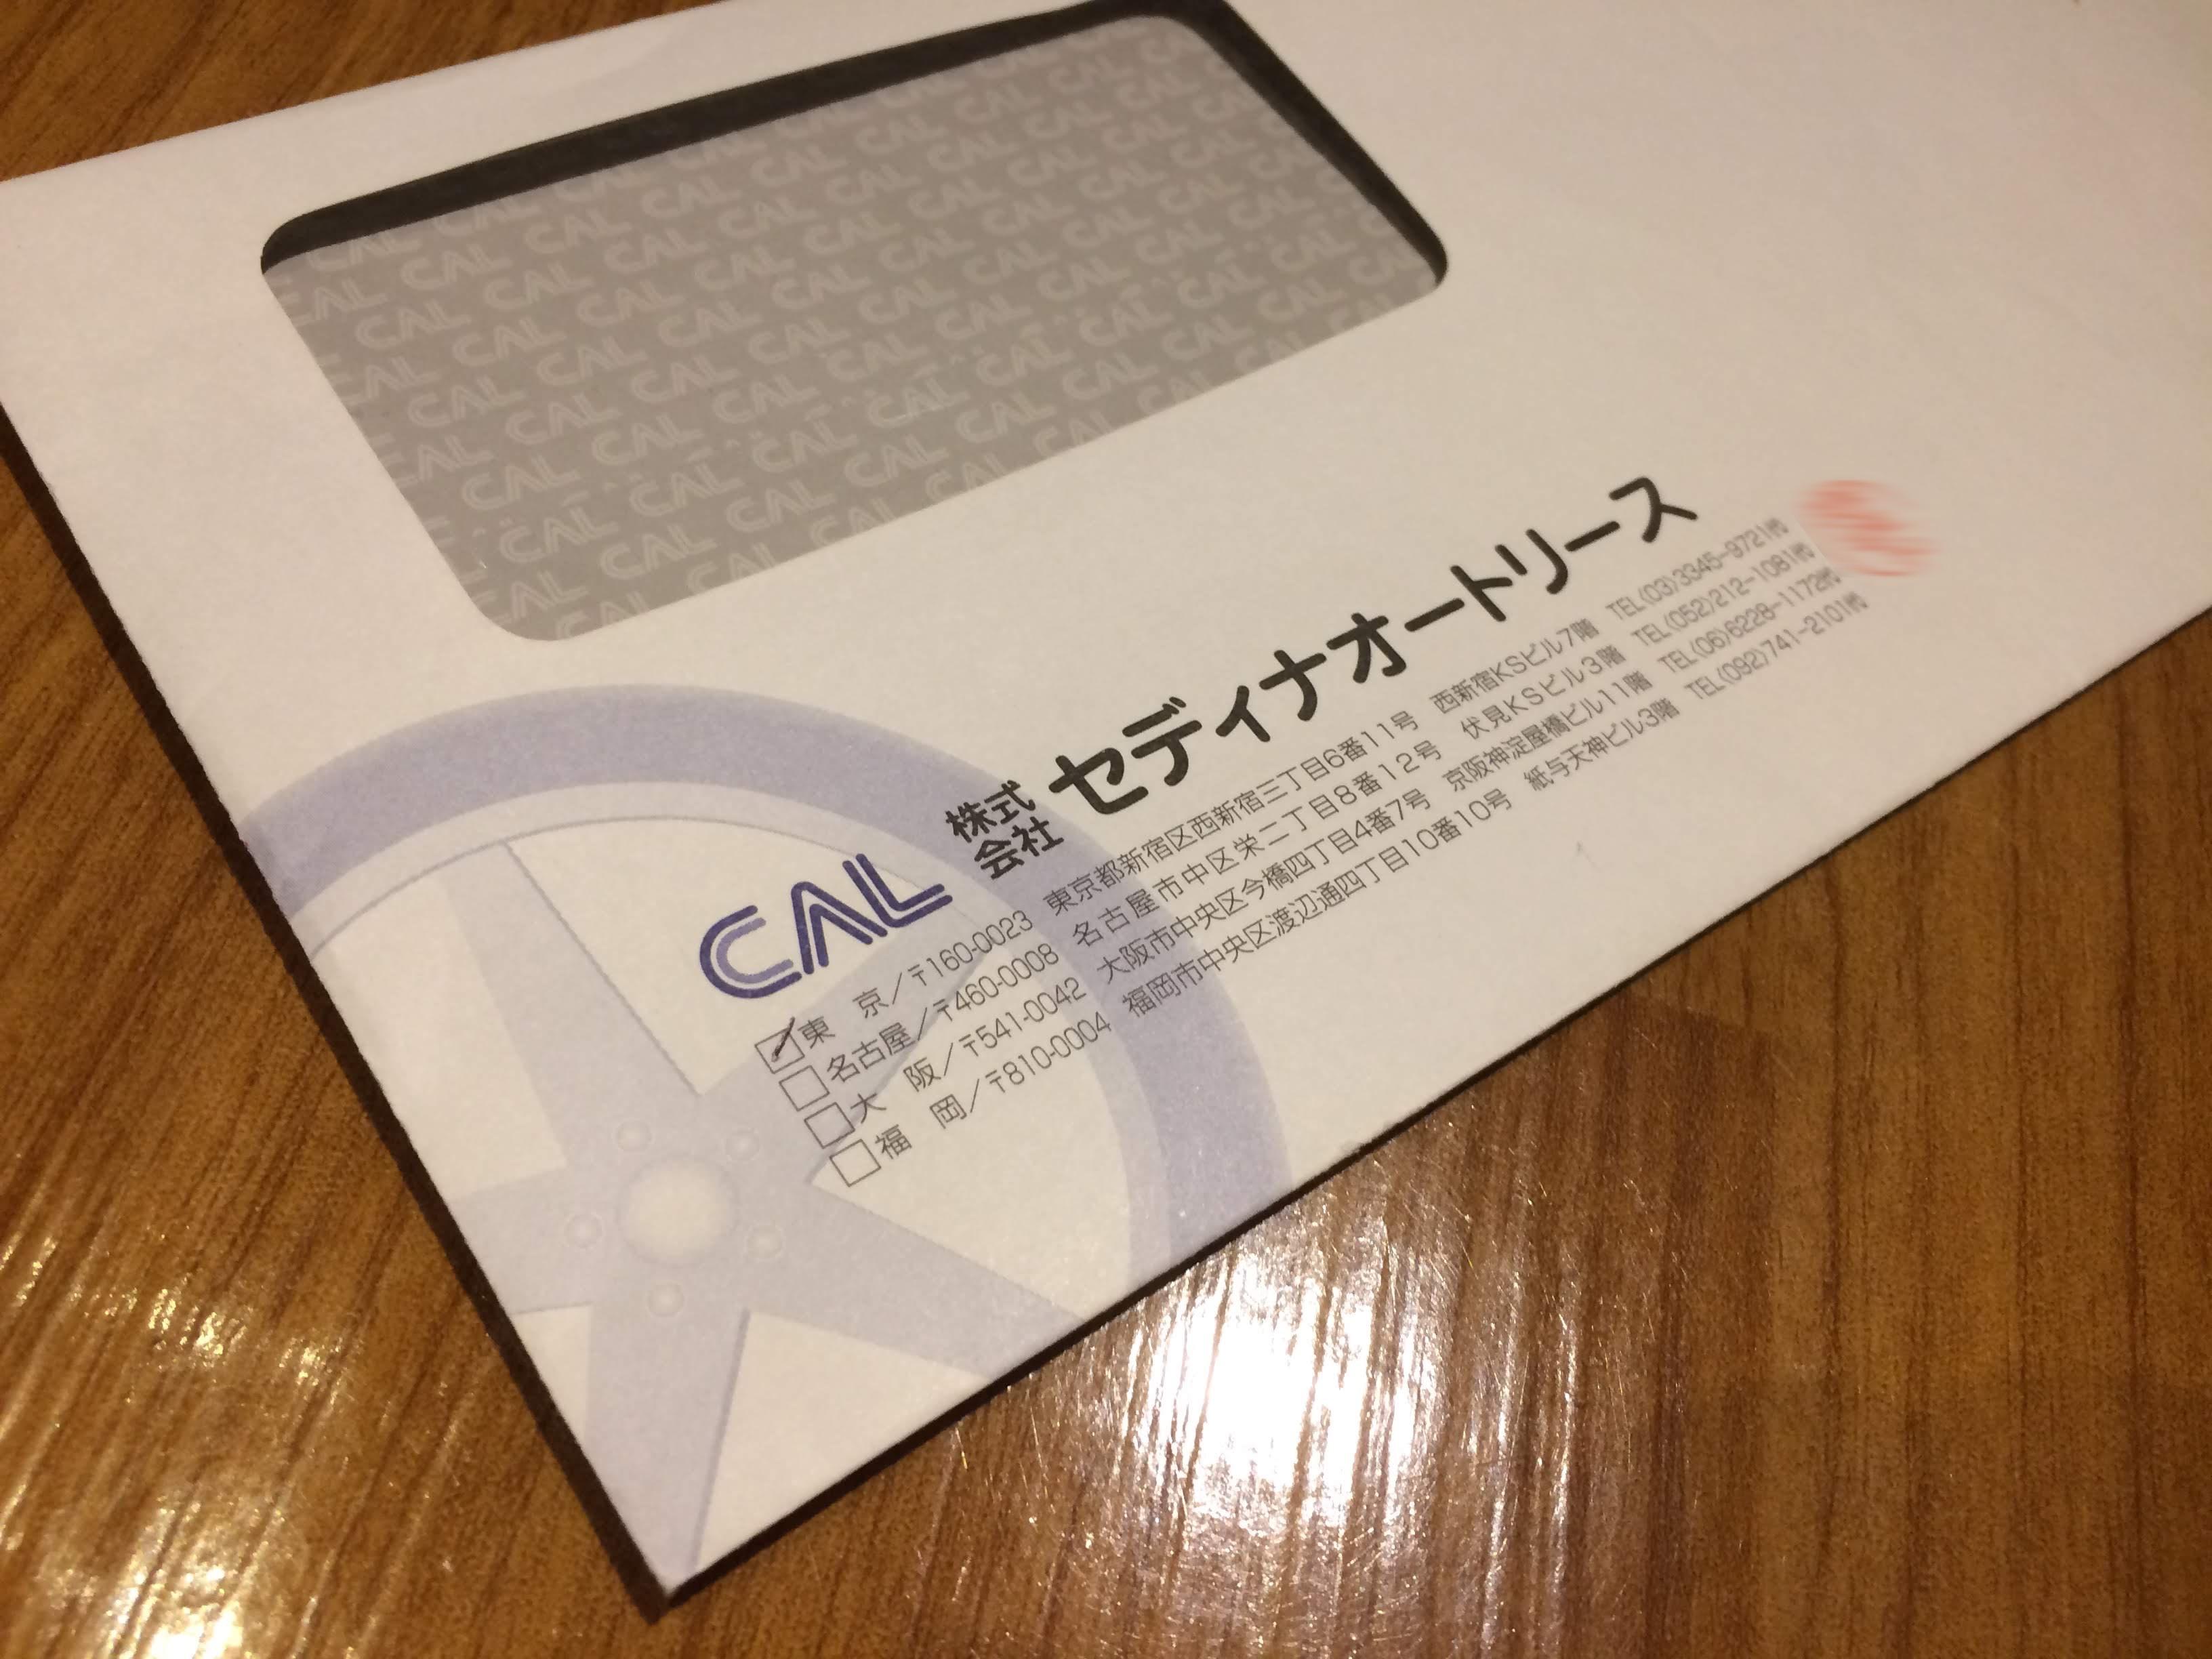 セディナの封筒